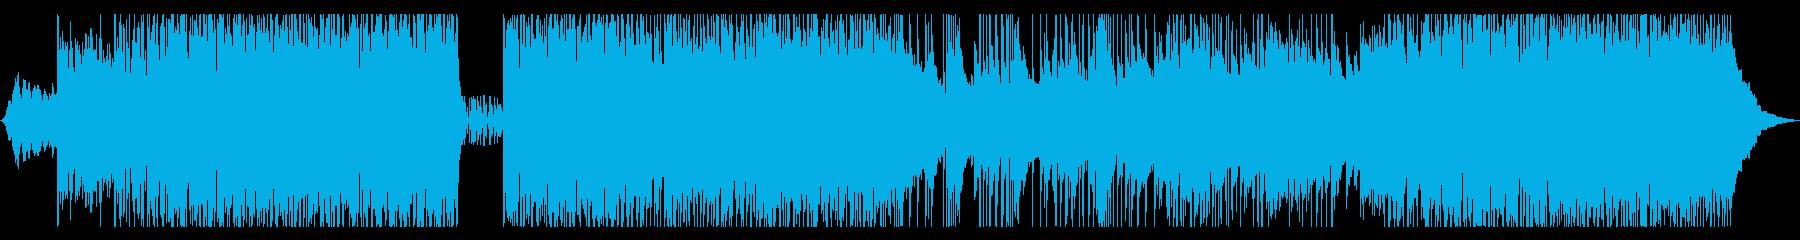 インストゥルメンタルギターのメロデ...の再生済みの波形